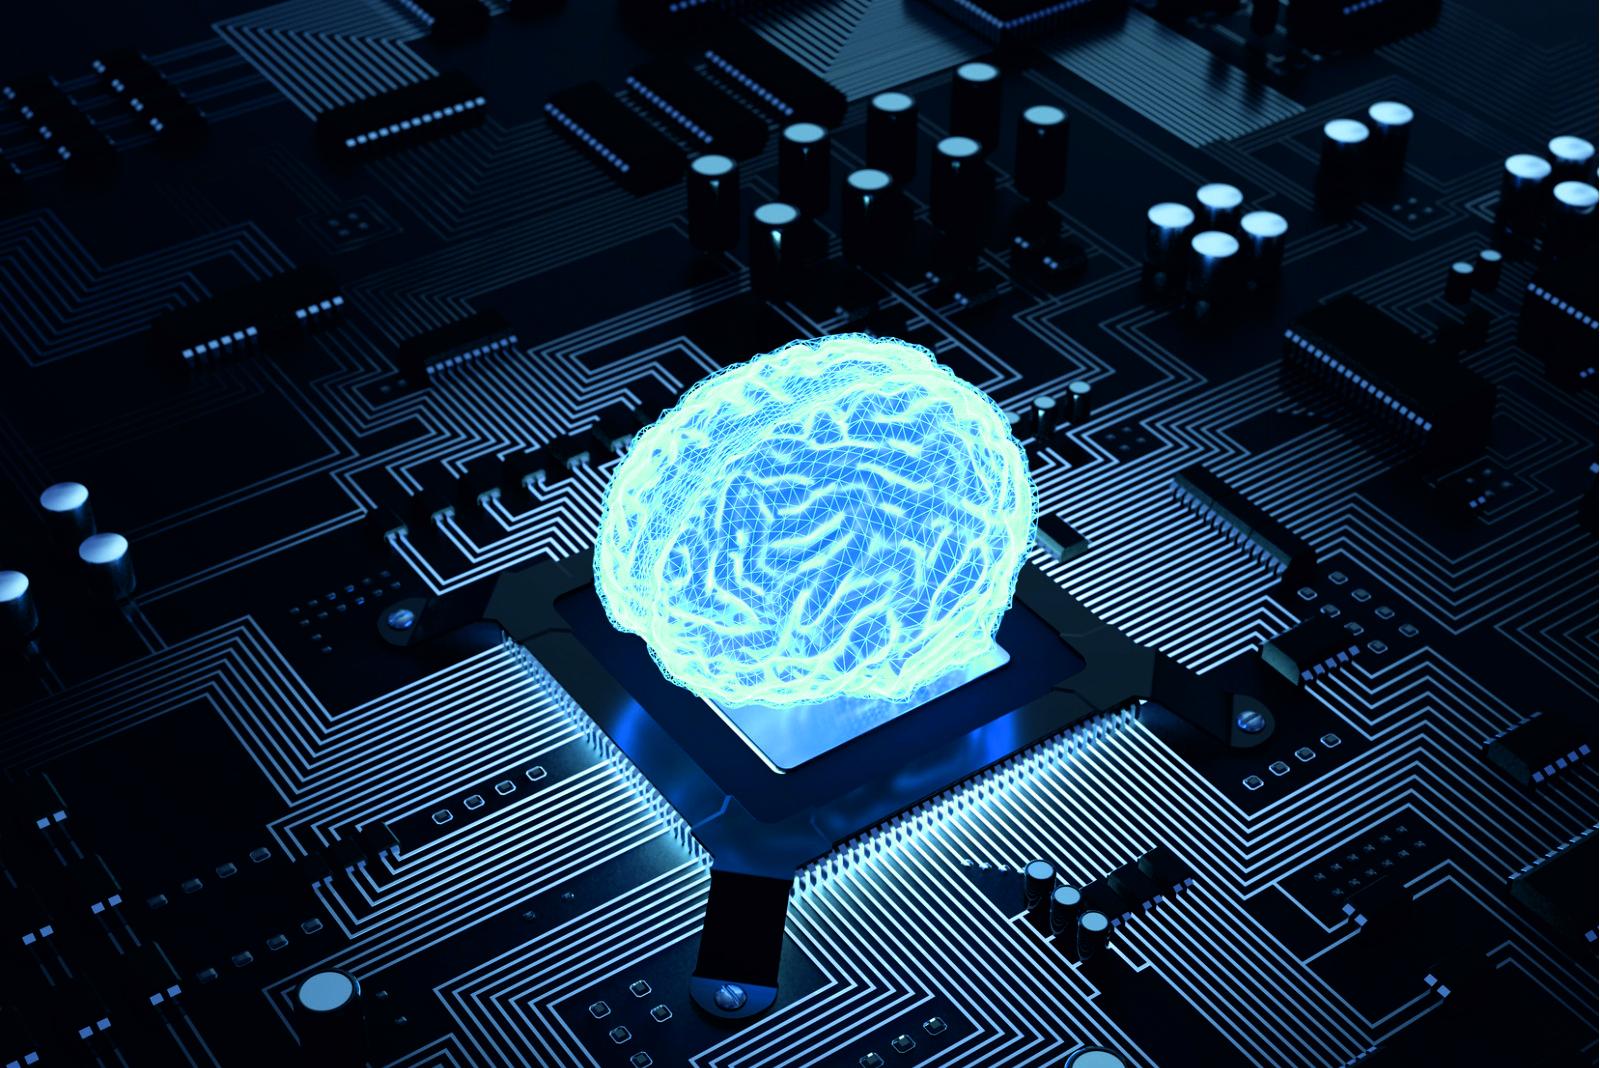 Steuerberater für Digitalisierung - Cloud - KI Künstliche Intelligenz - Big Data